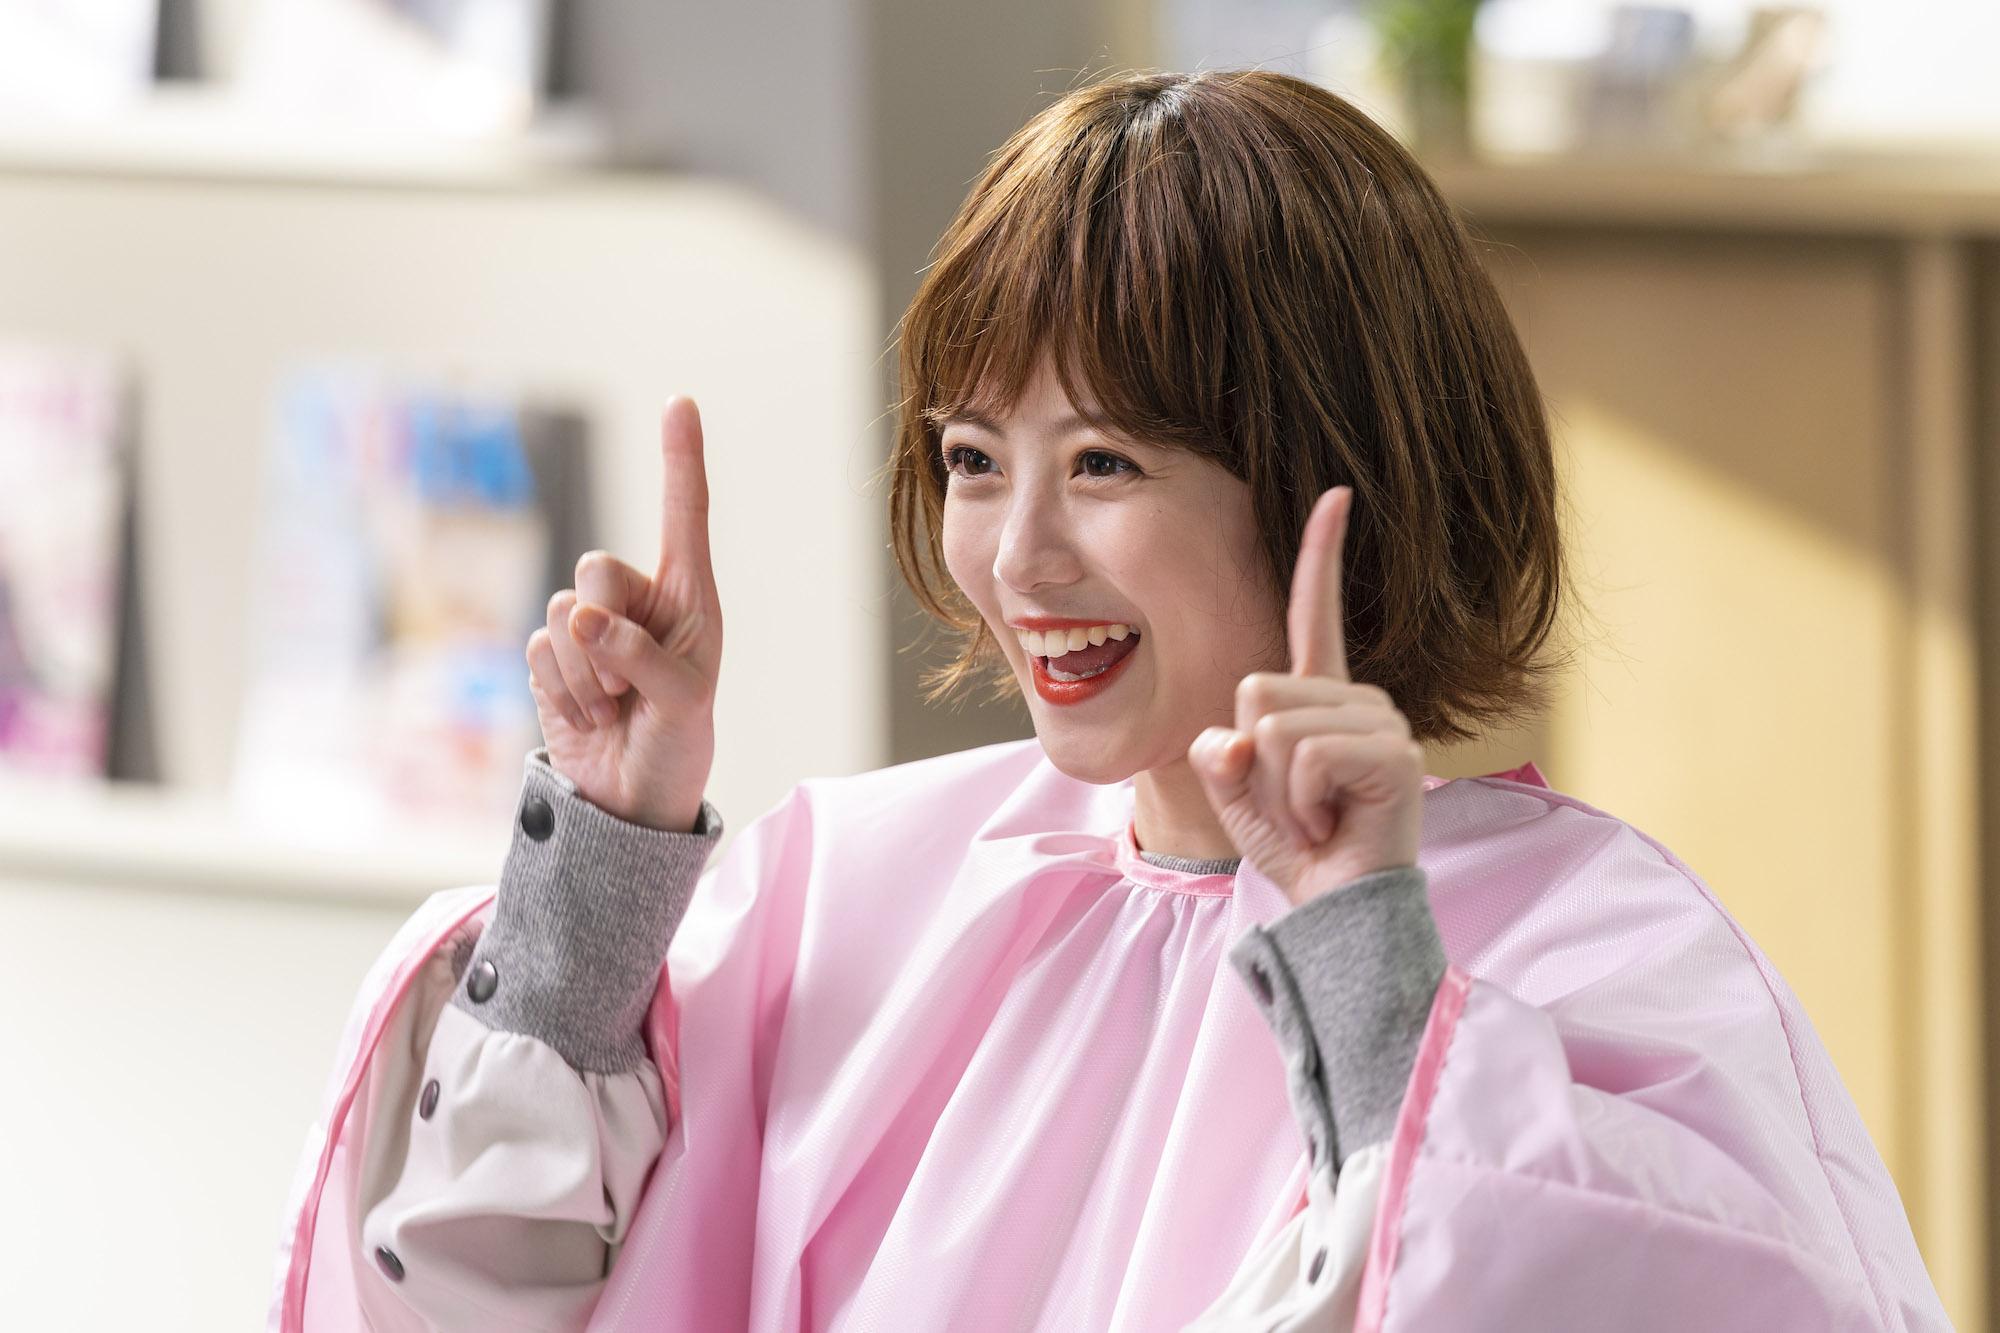 今田 美桜(いまだ みお)ヘアスタイル/『ホットペッパービューティー』CM